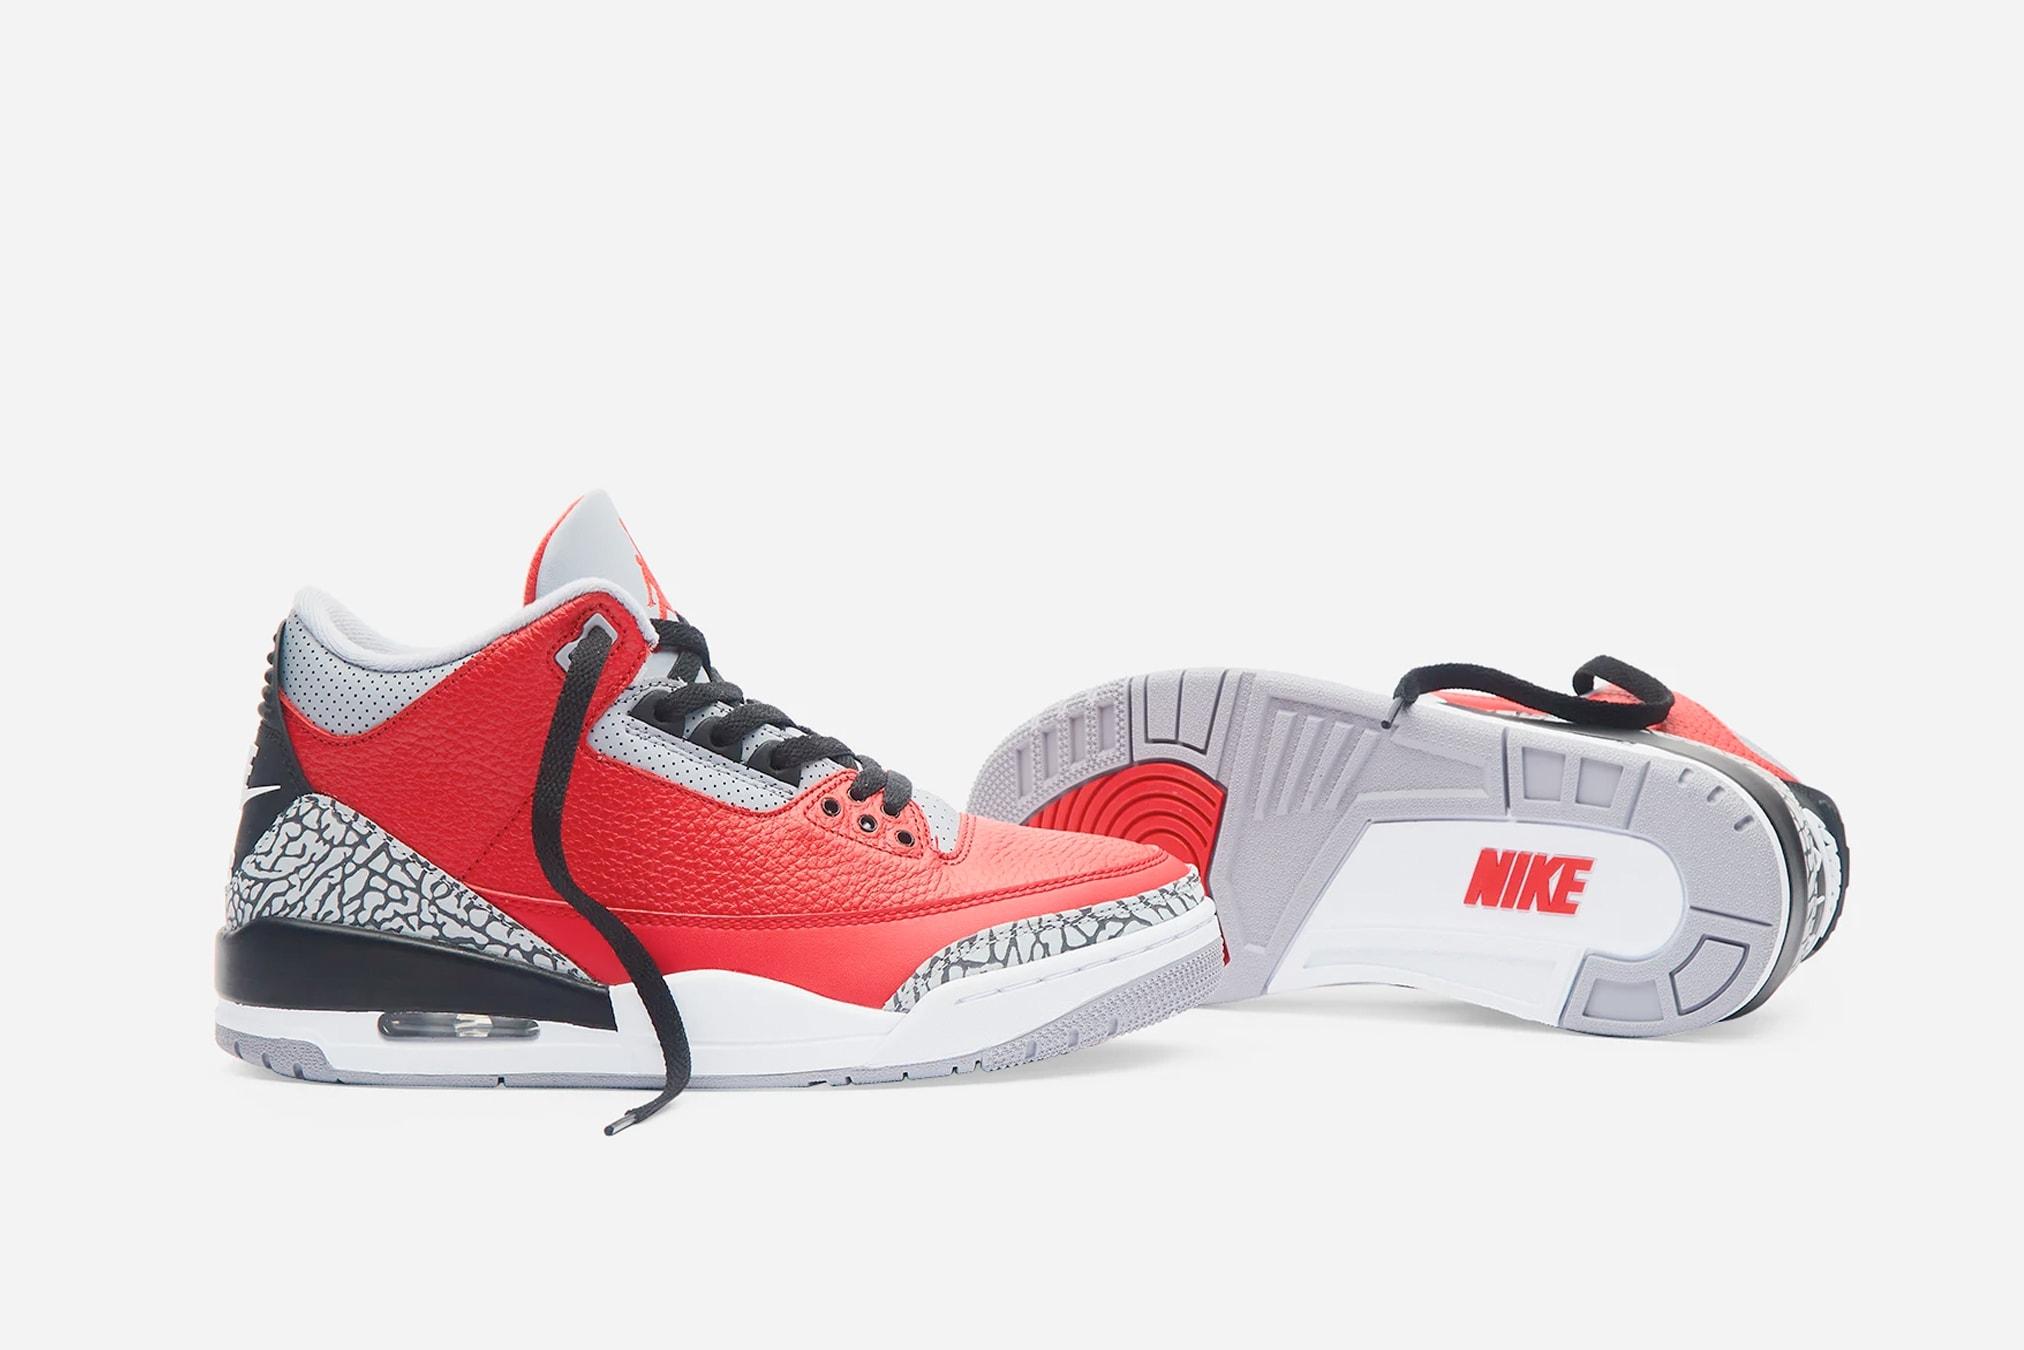 Nike Air Jordan 3 'Red Cement' CK5692-600